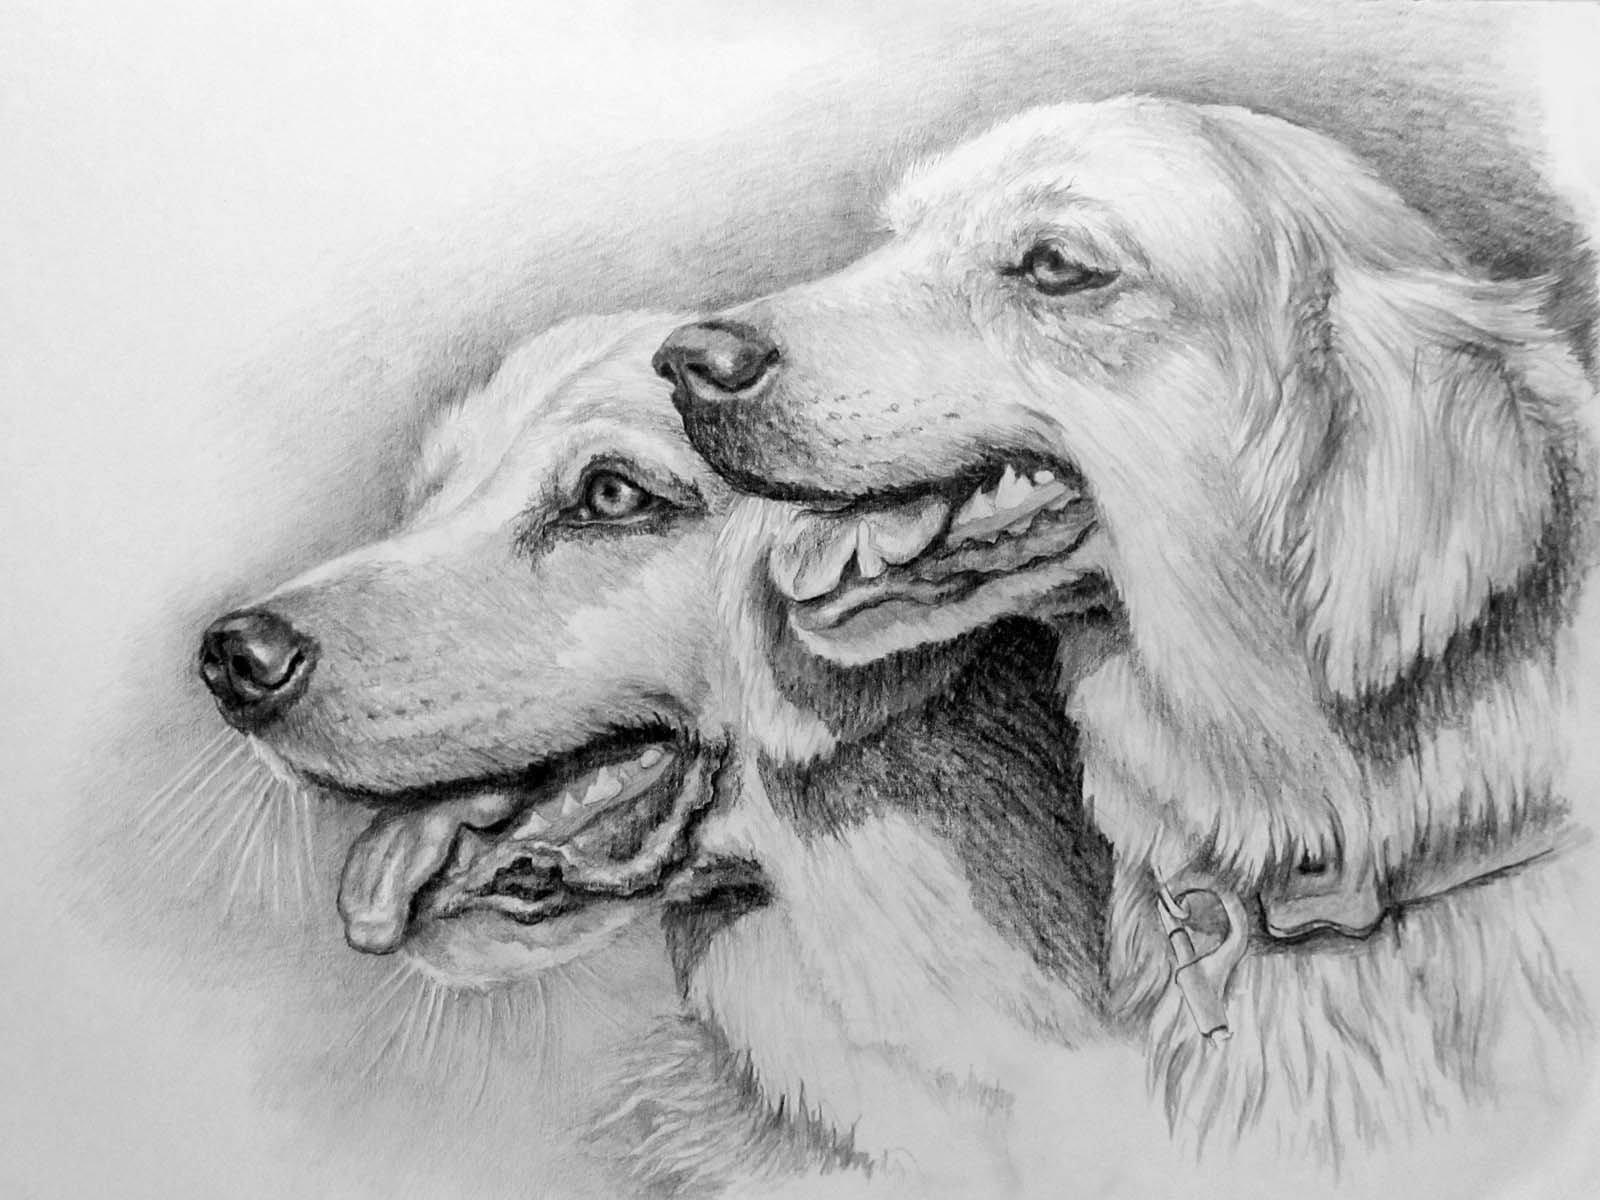 рисунки карандашом профессиональные картинки перед тем как